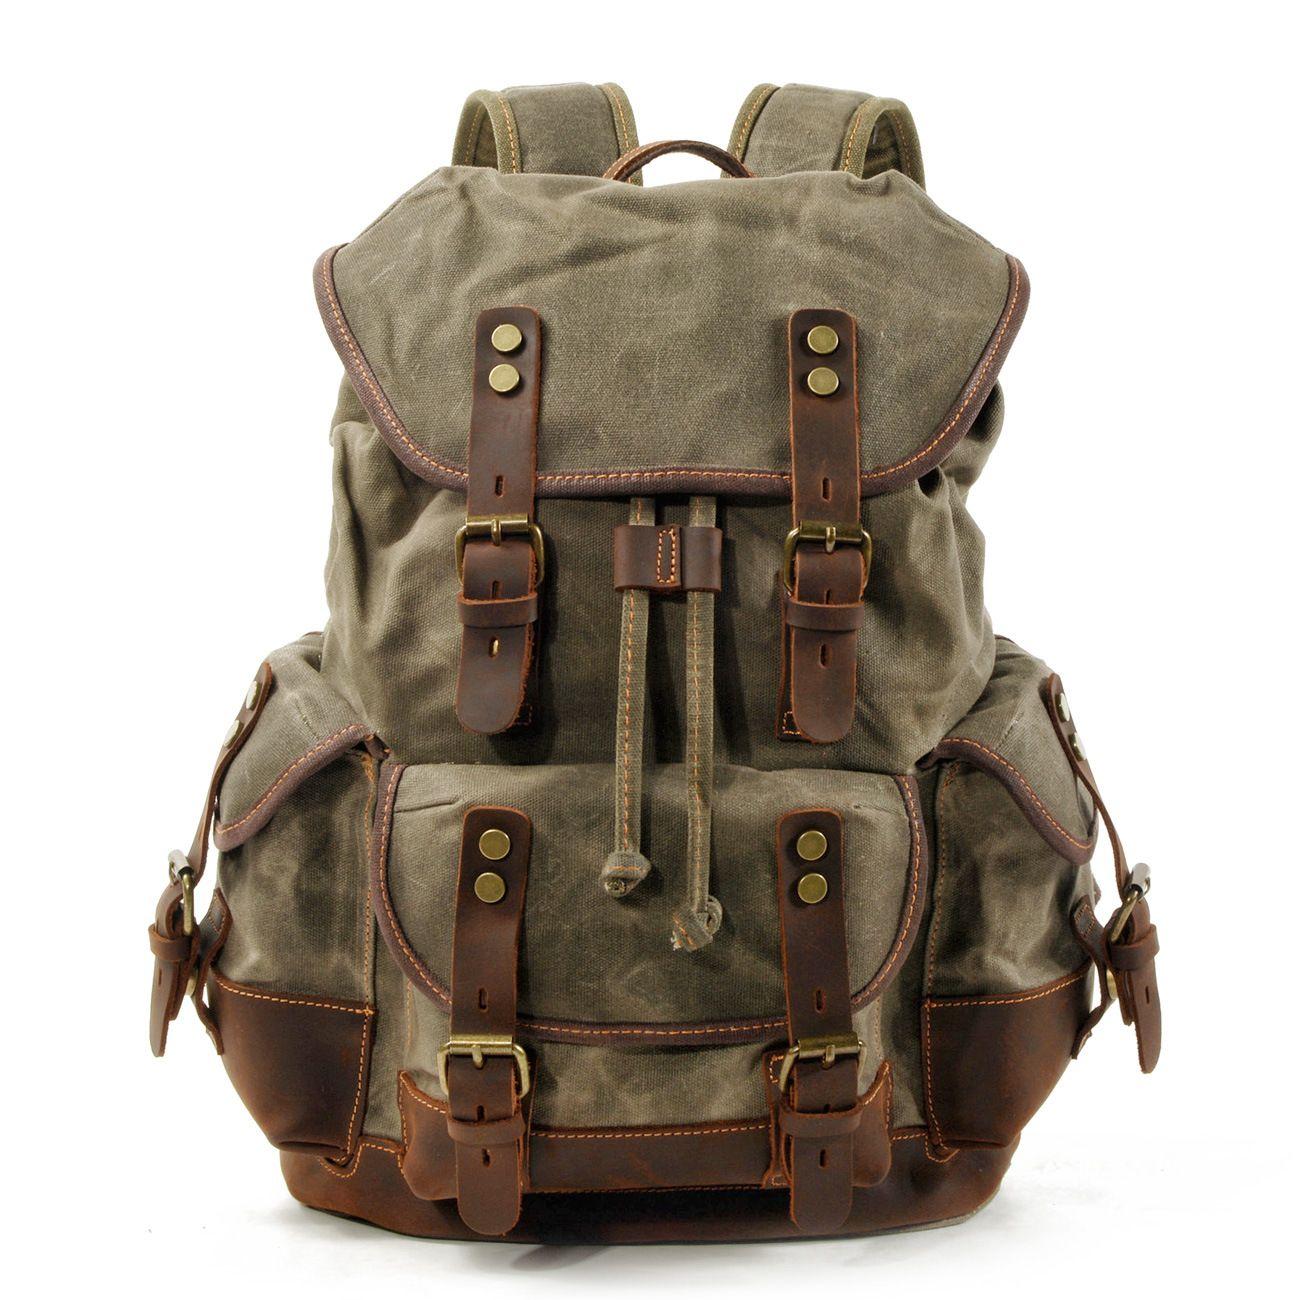 Melhor Qualidade Casual estudante mochila retro mochila cordão de cera de óleo saco de lona mochila diagonal de viagem dos homens